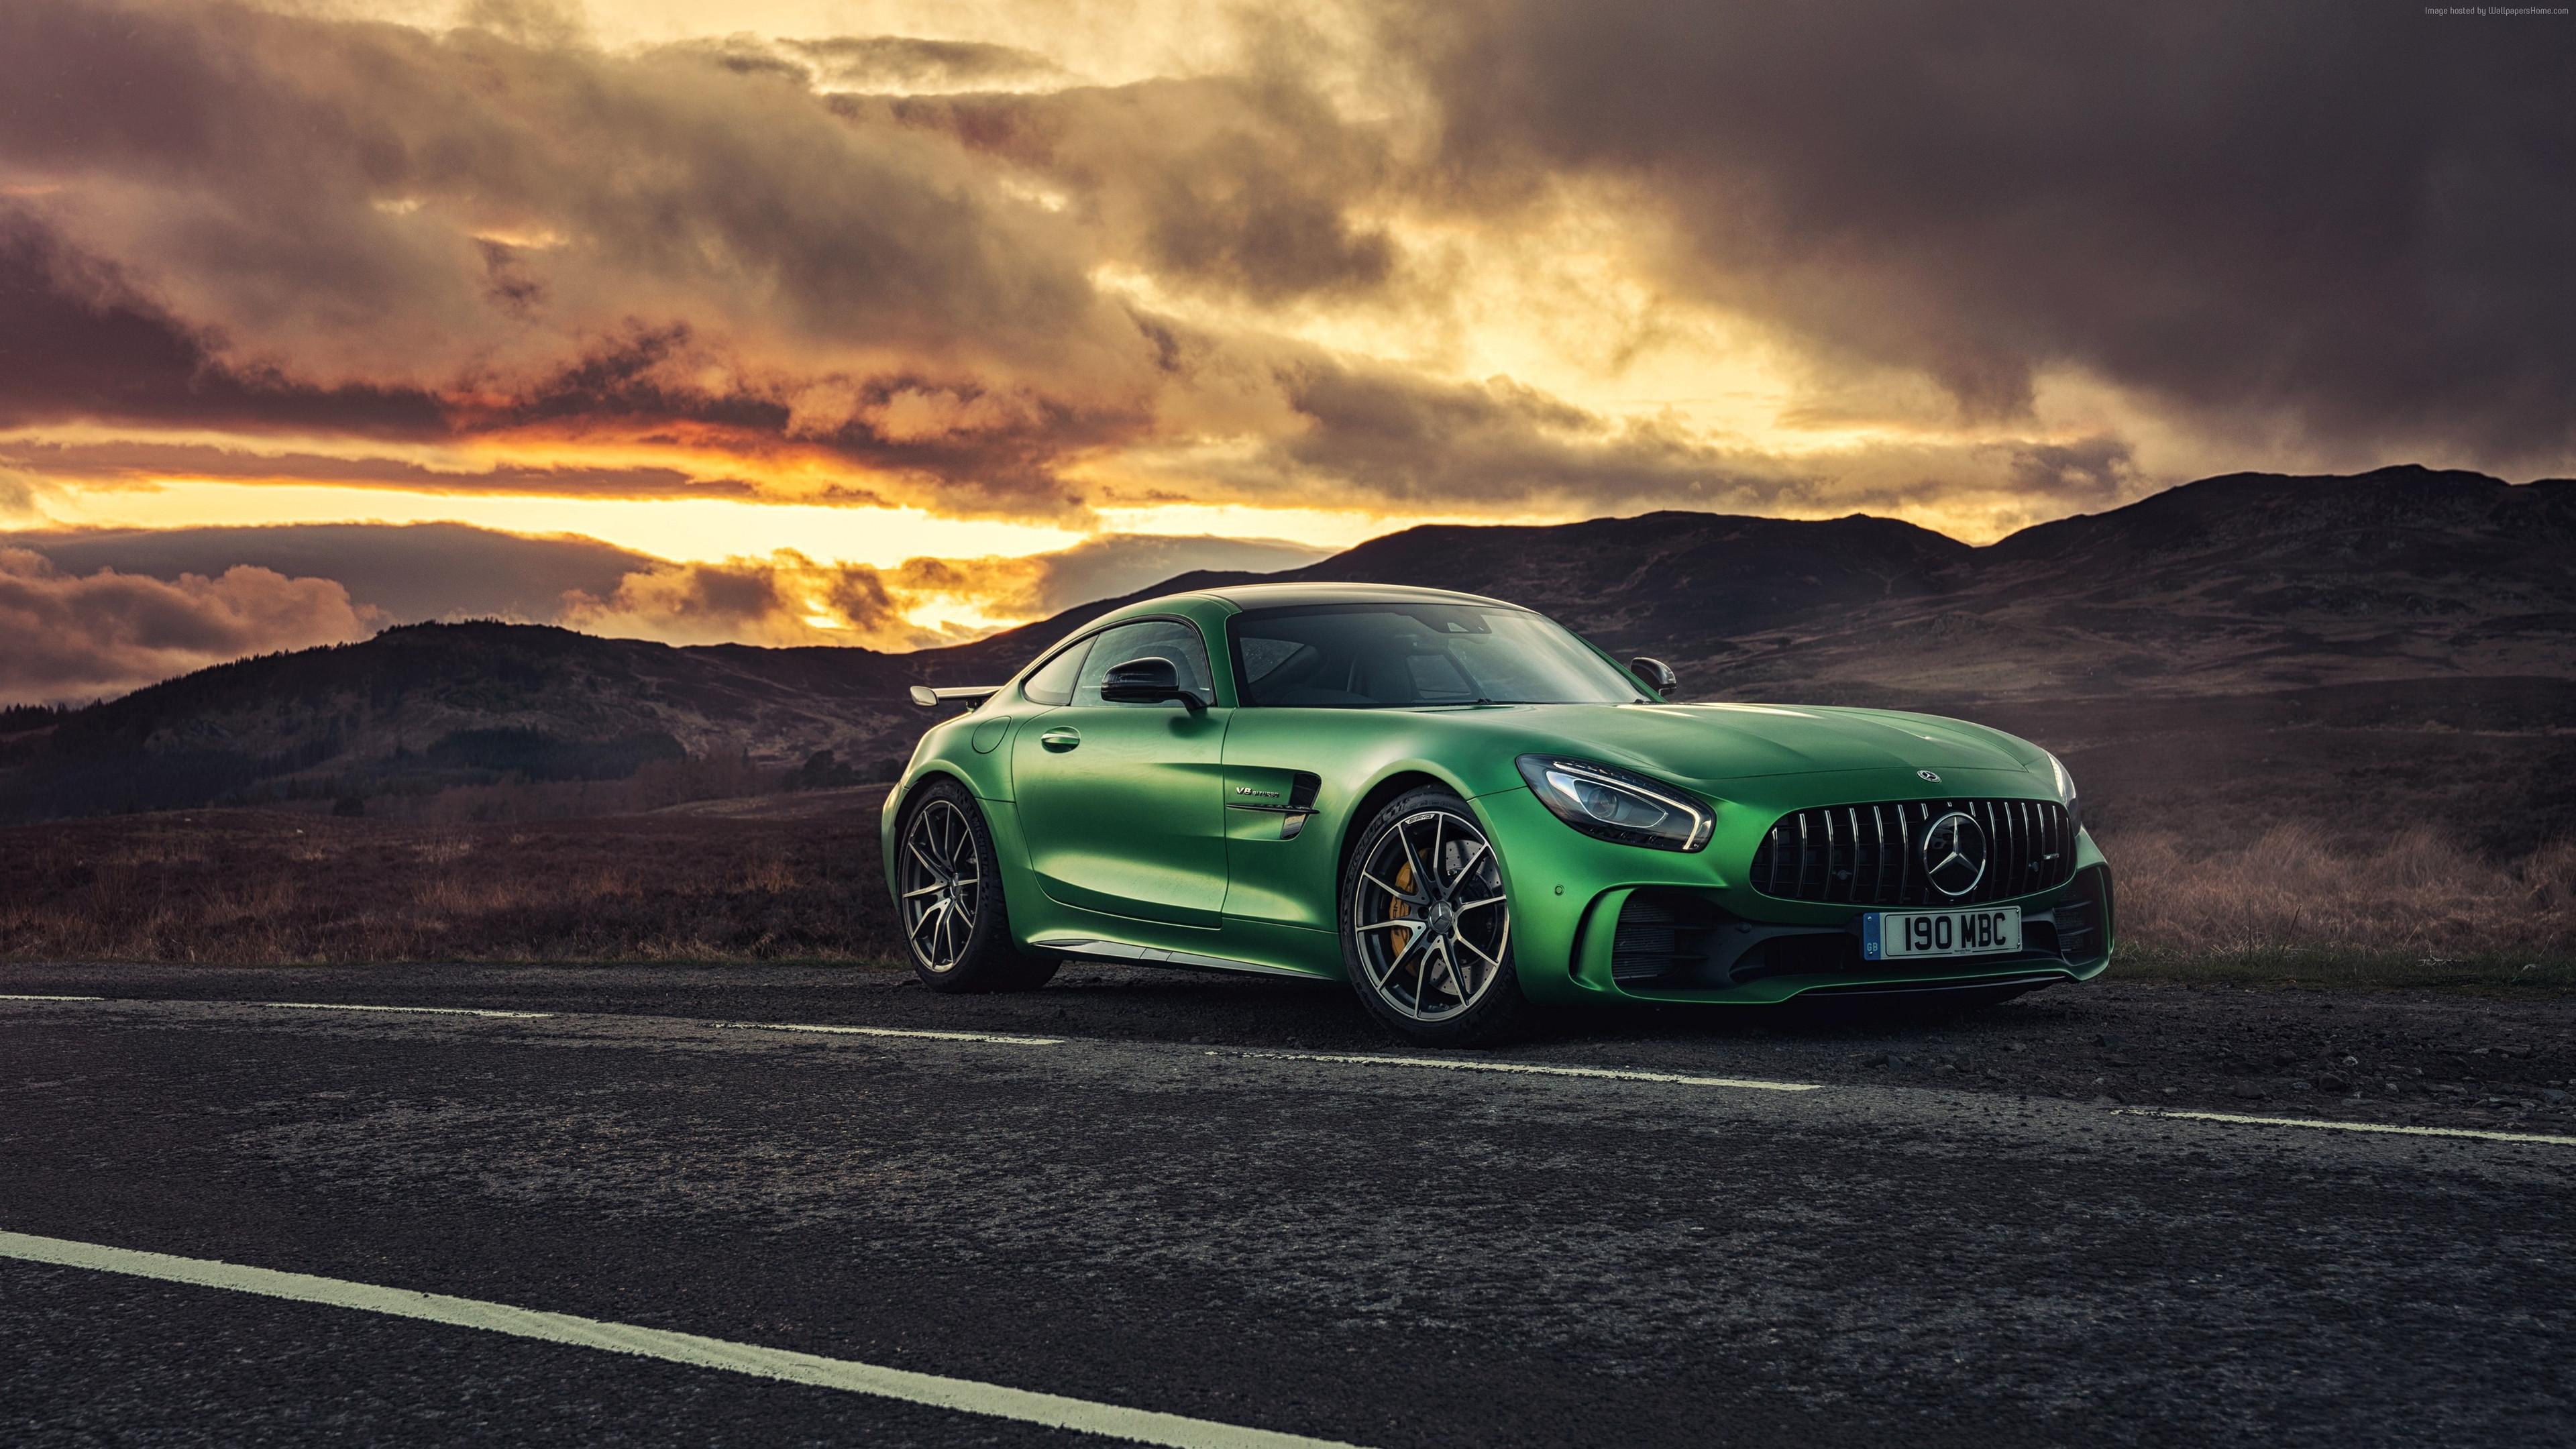 green mercedes benz amg gt 4k 1547936830 - Green Mercedes Benz Amg GT 4k - mercedes wallpapers, mercedes amg gtr wallpapers, hd-wallpapers, cars wallpapers, 4k-wallpapers, 2018 cars wallpapers